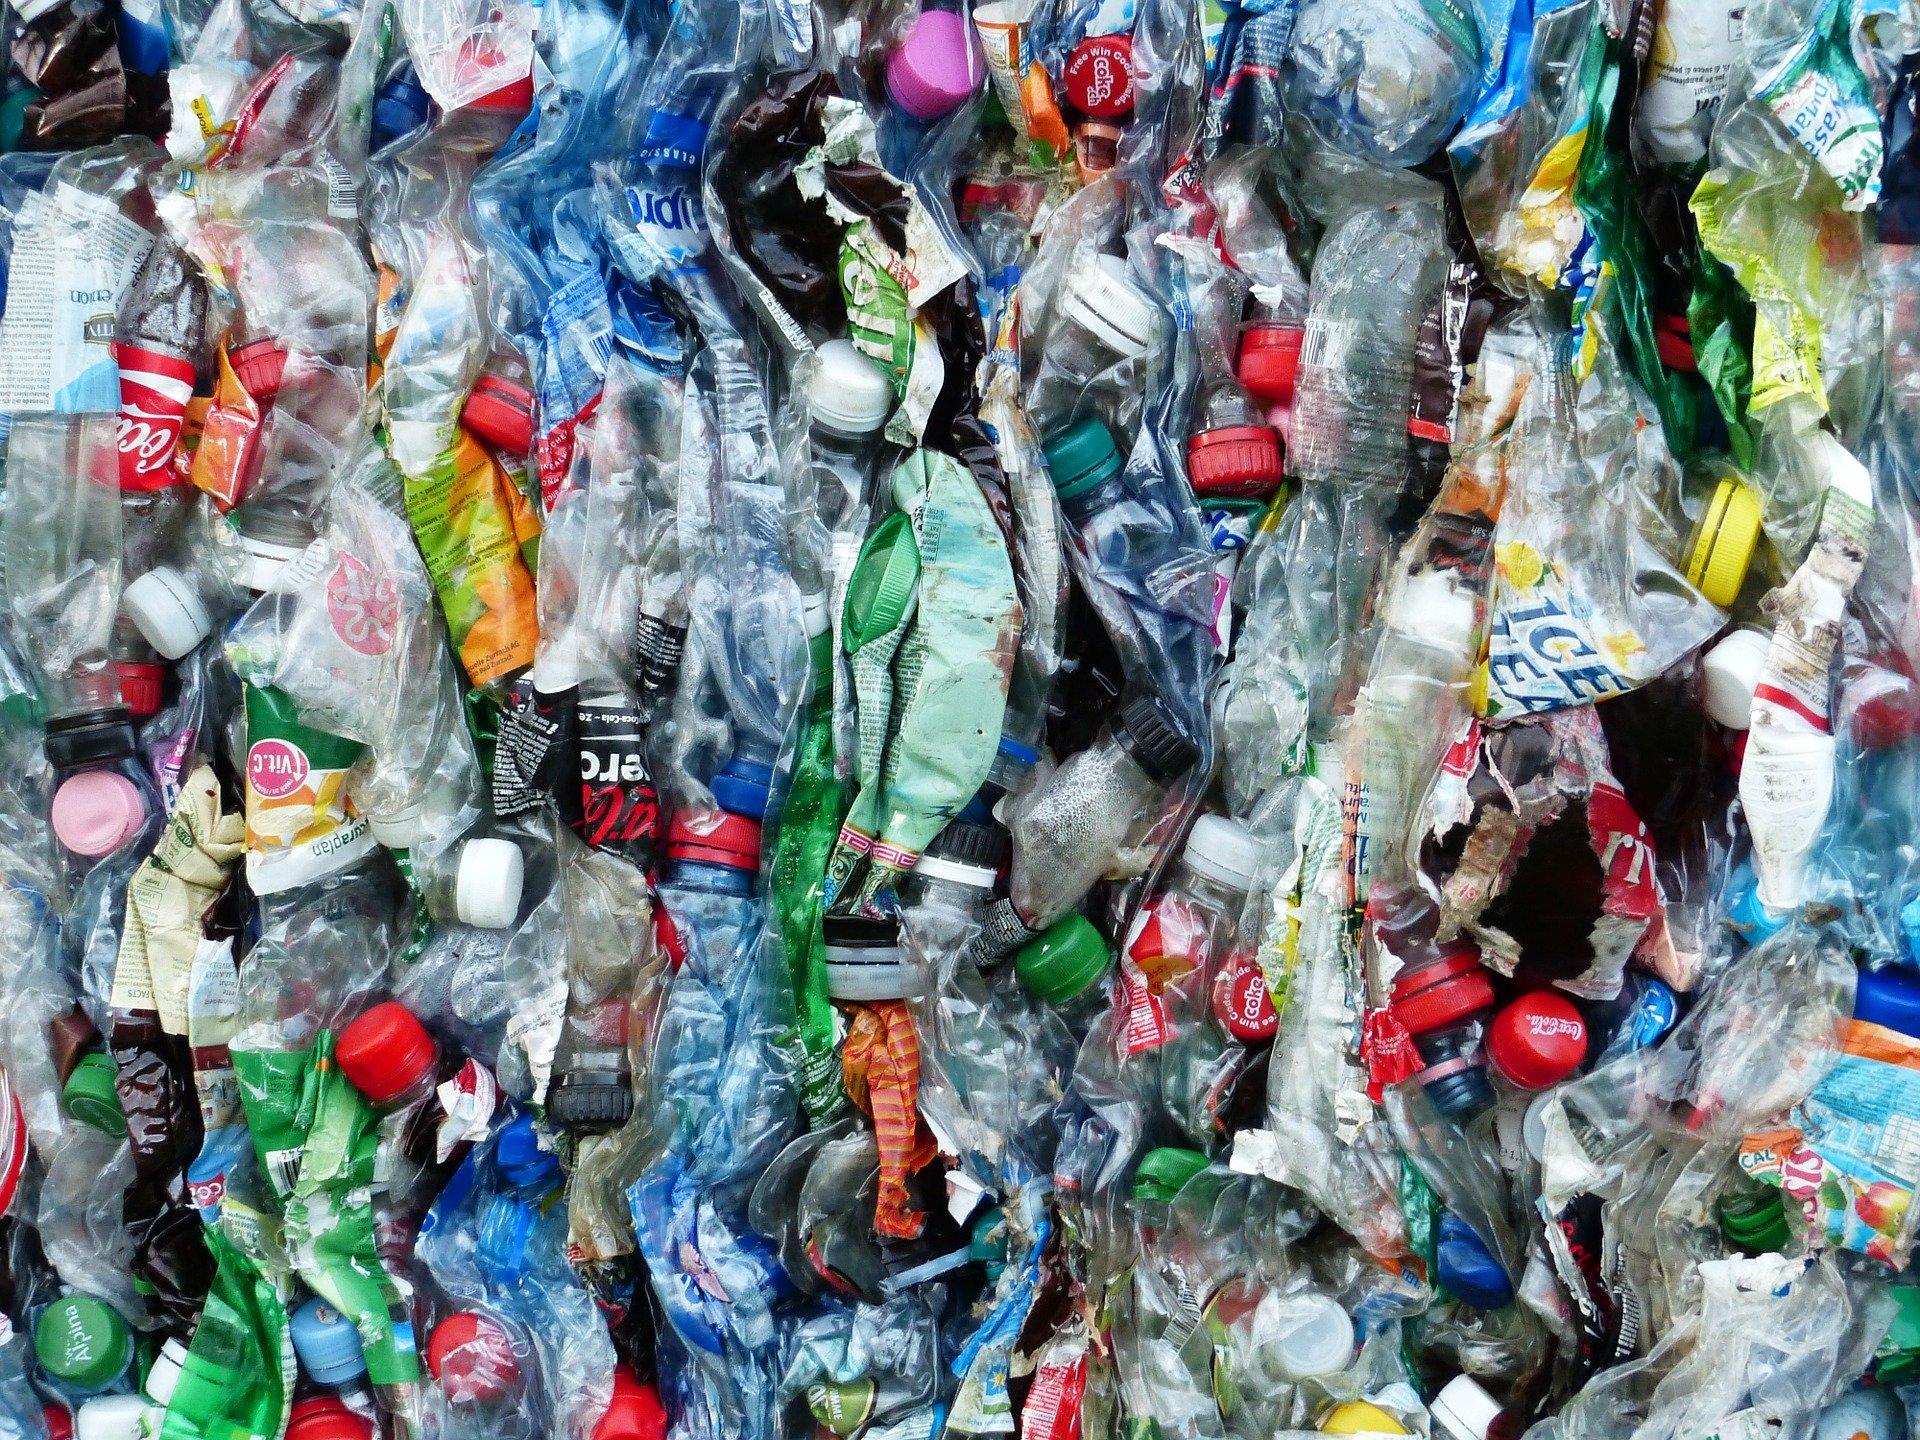 Studie: Produkte aus Recycling haben keinen Markt